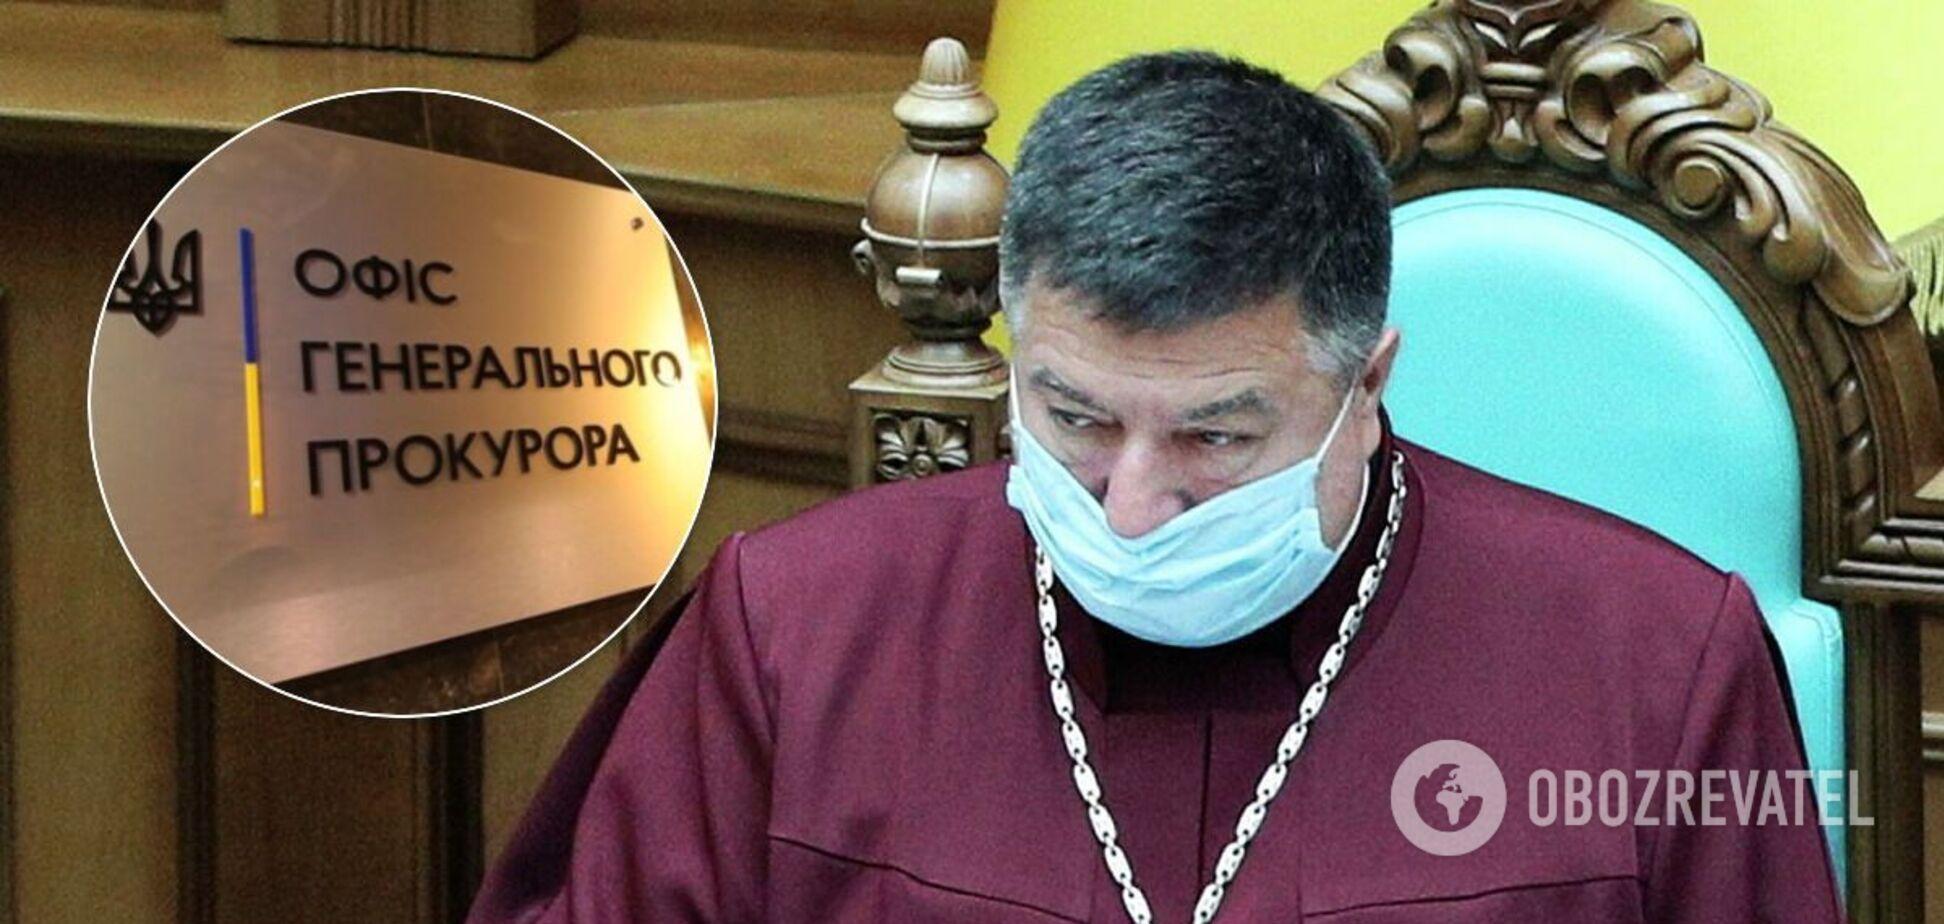 Тупицький анонсував 'шоу' з підозрою: в ОГП відреагували